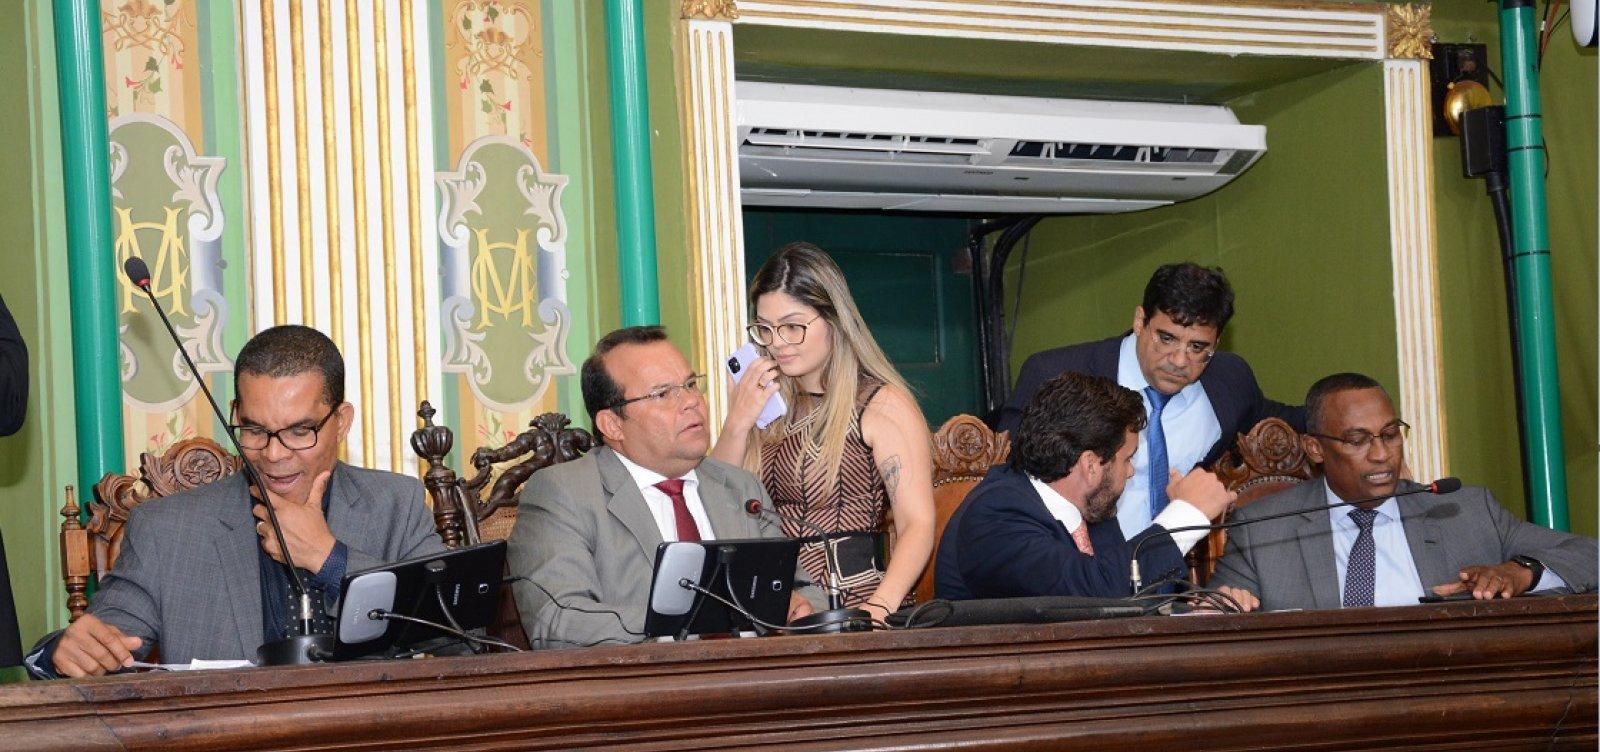 Câmara de Salvador mantém vetos de ACM Neto a regulamento do Uber